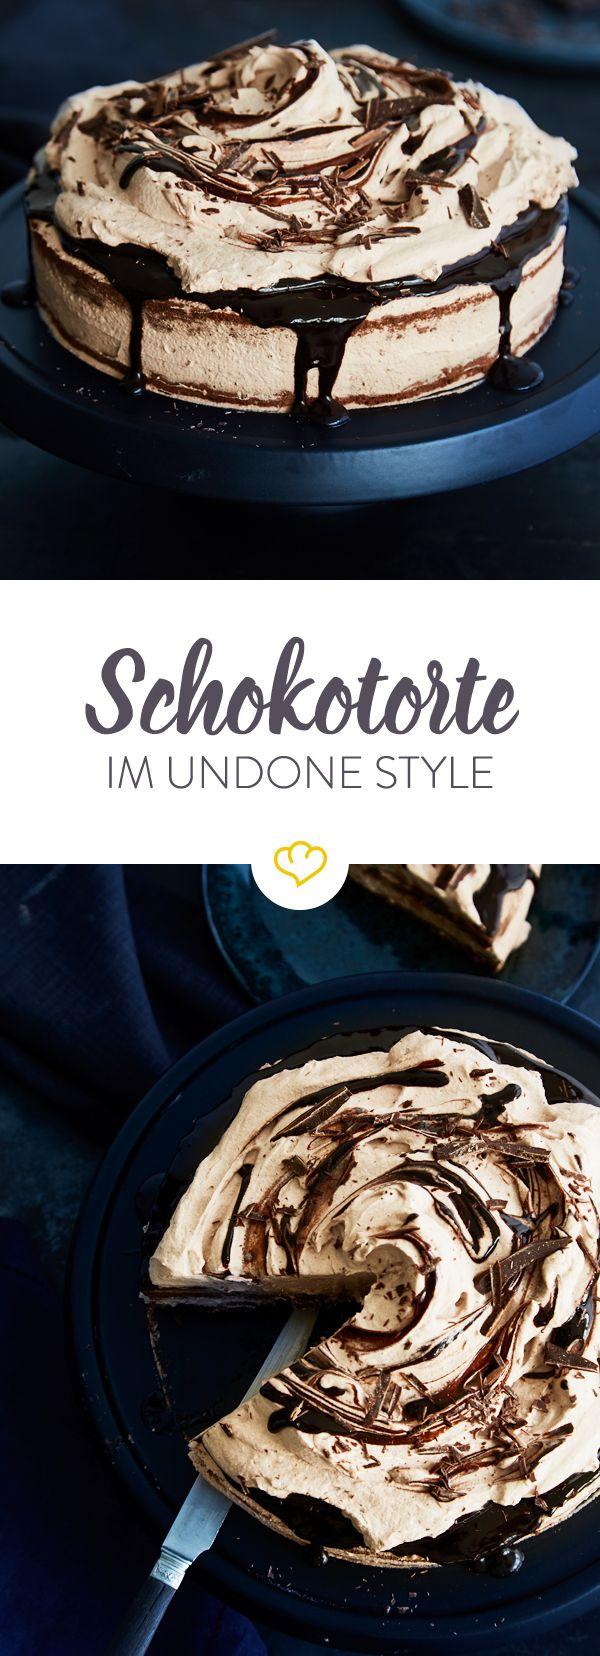 Diese klassische Schokotorte mit Schokobiskuit und Schokosahne schmeckt so gut, sie hat eine präzise Deko mit Tupfen und Schnörkeln gar nicht nötig.